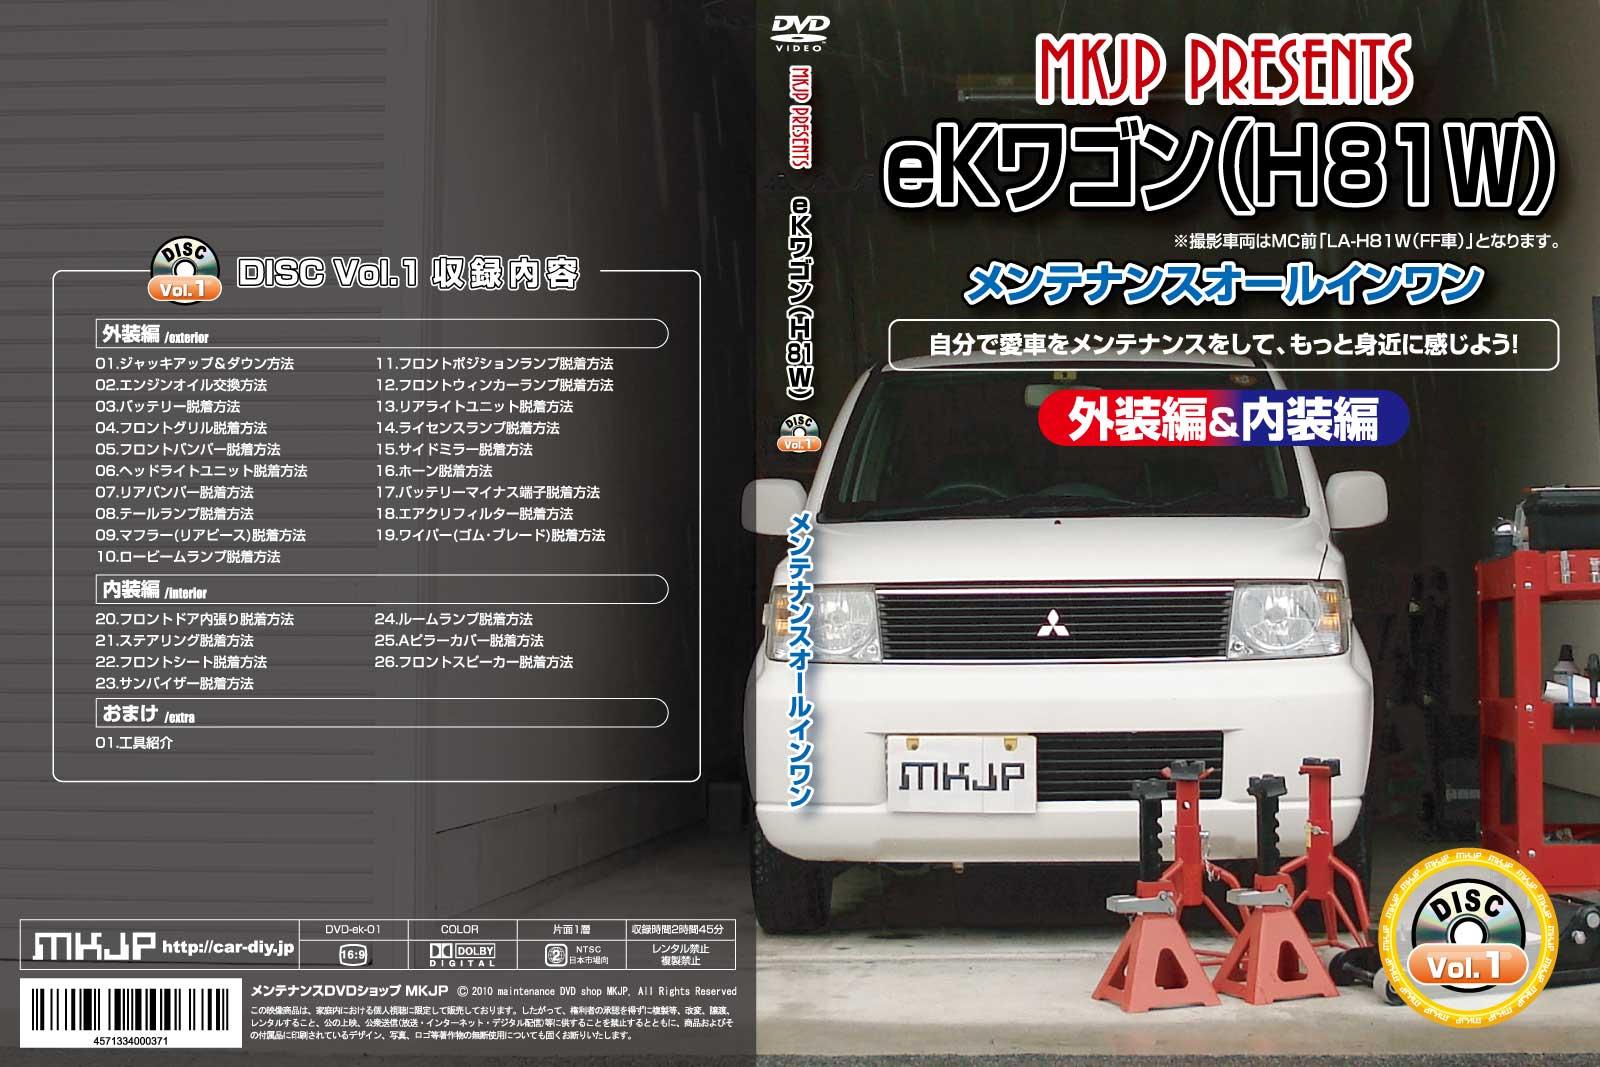 ekワゴン(H81W)メンテナンス整備DVD